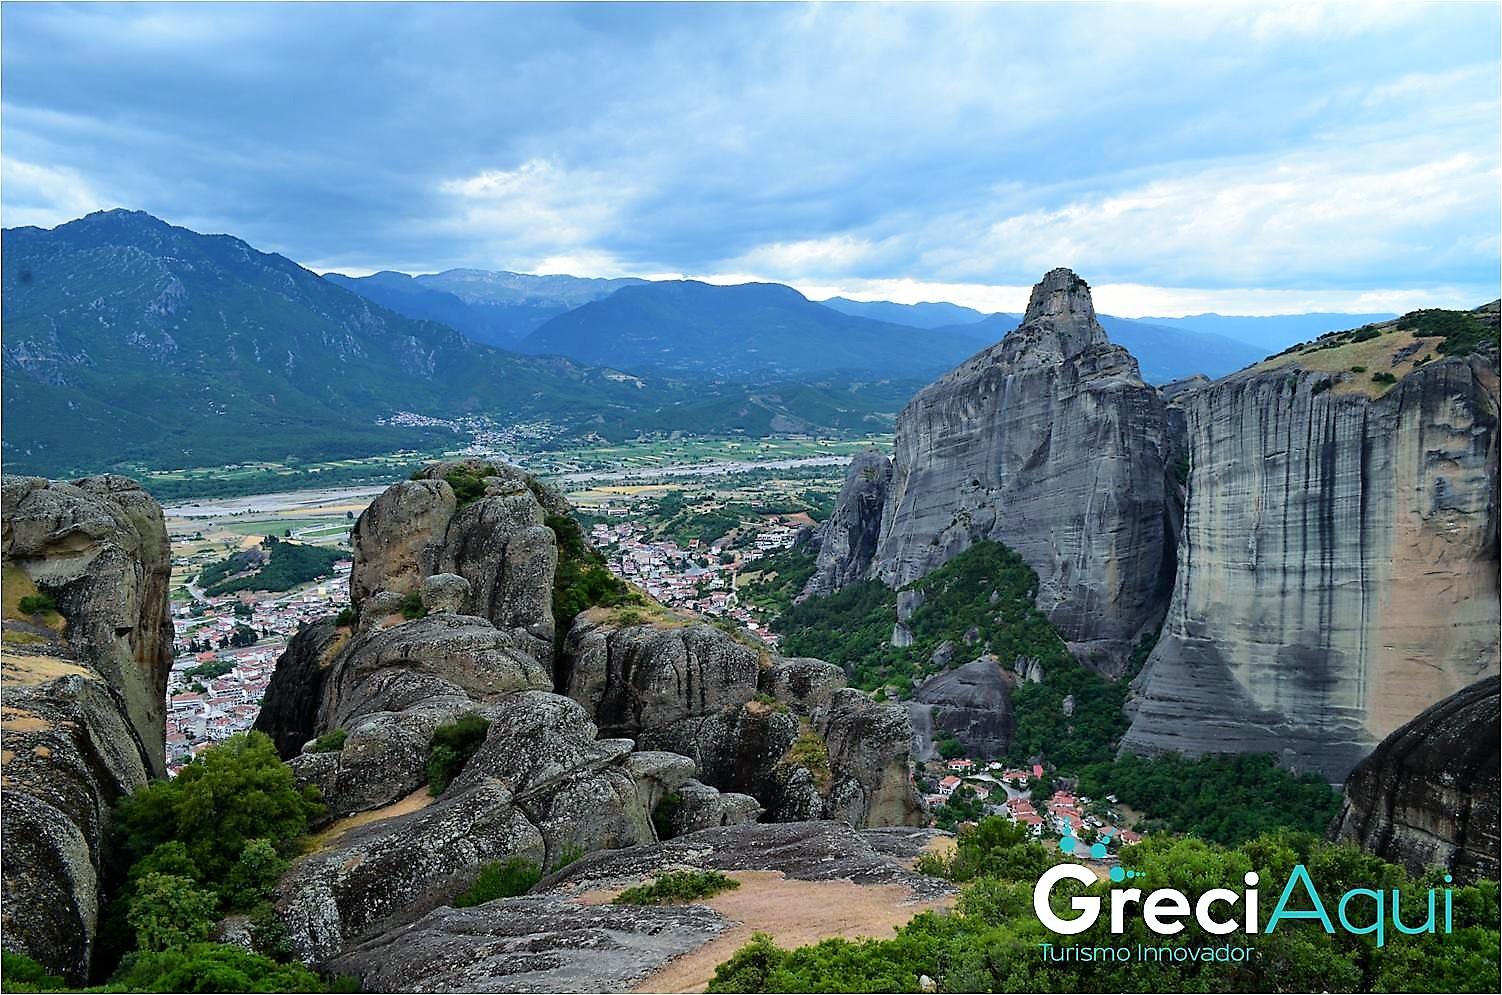 Turismo_Meteora_GreciAquí. 2018